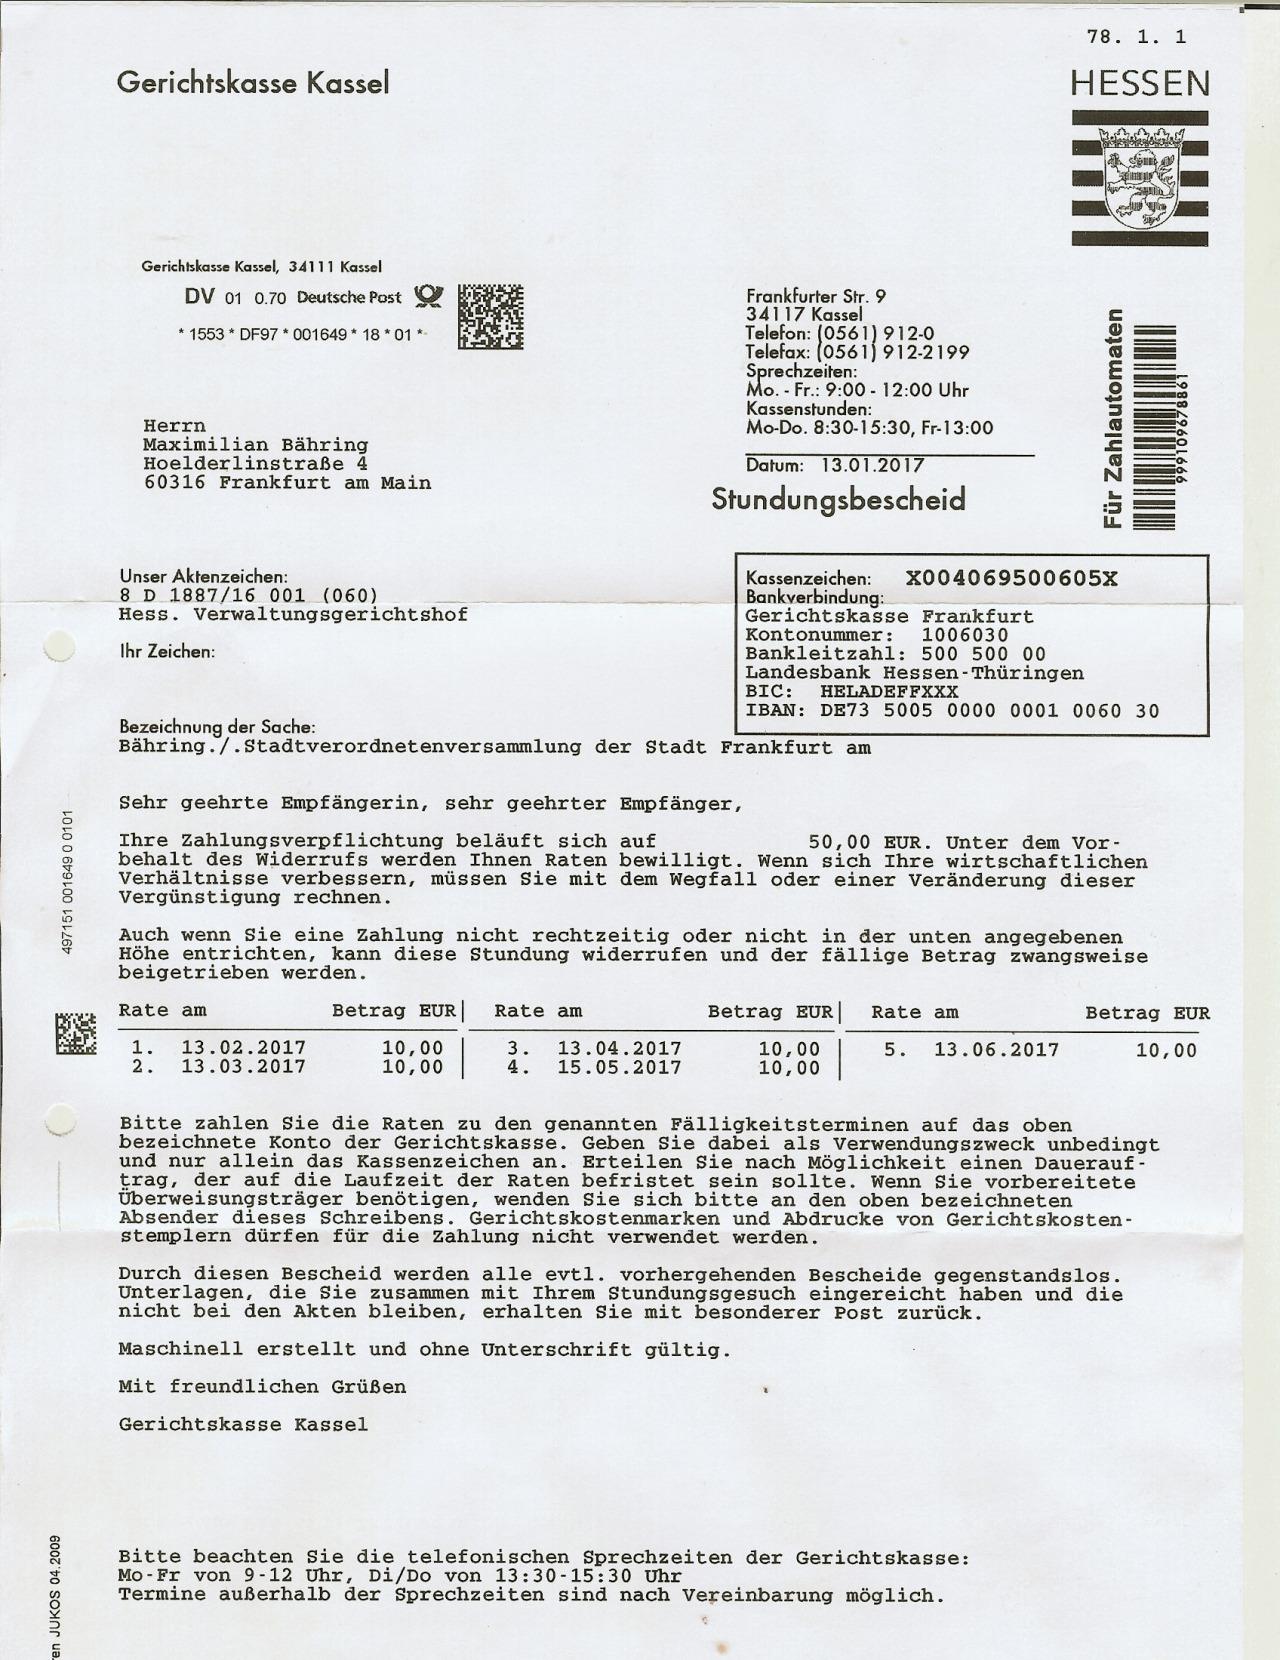 2 schlampen am hbf frankfurt - 4 2